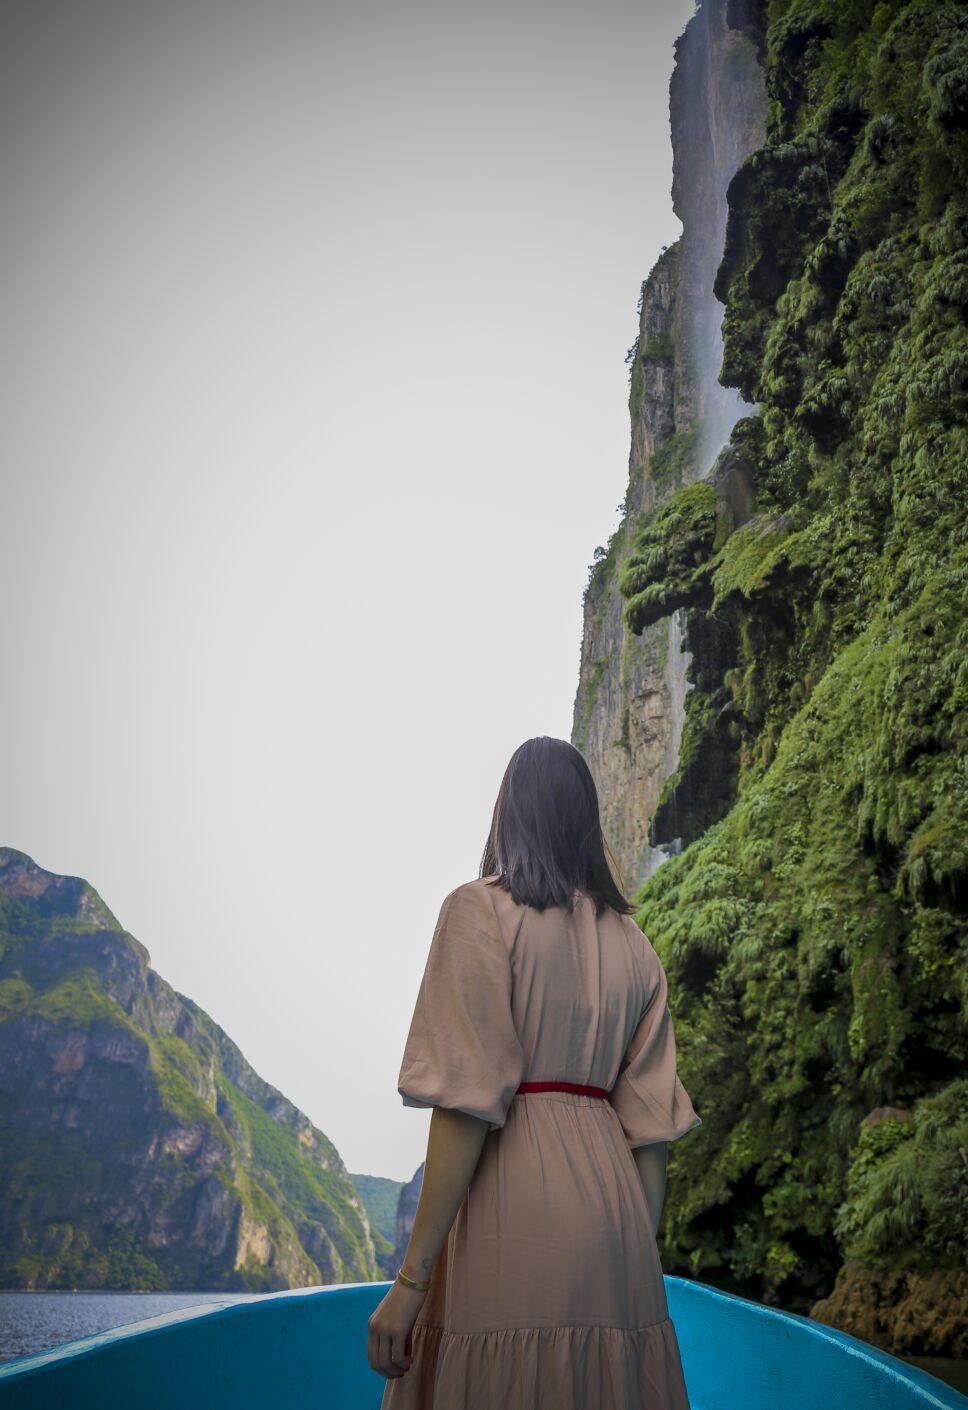 Majestuosidad del Cañón del Sumidero